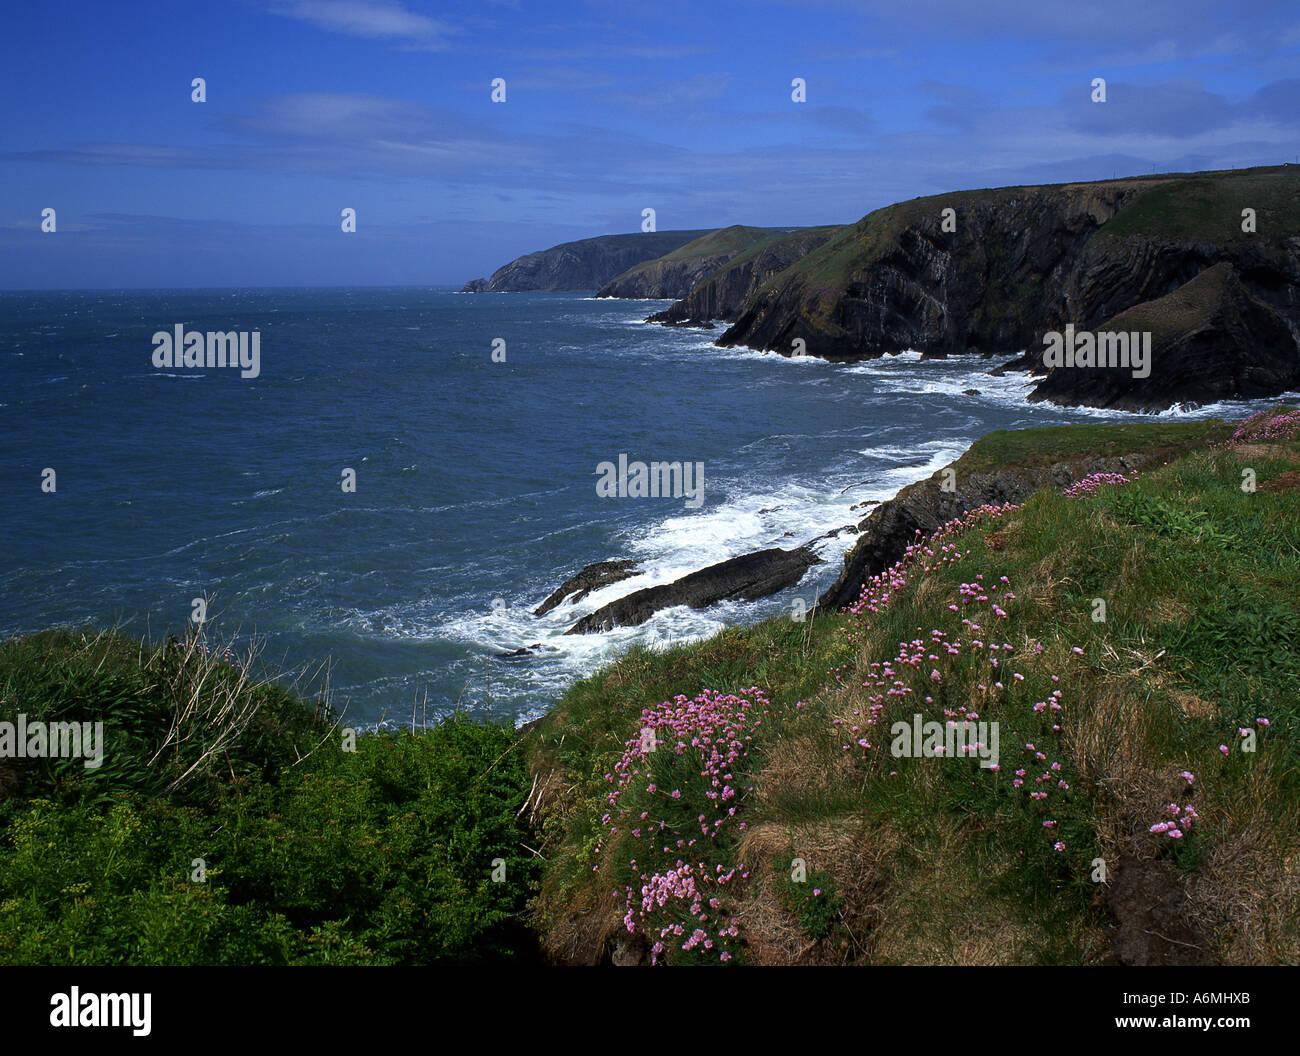 Ceibwr Bay Near Moylegrove Rocky wild coastal scenery with stormy sea West Wales UK - Stock Image